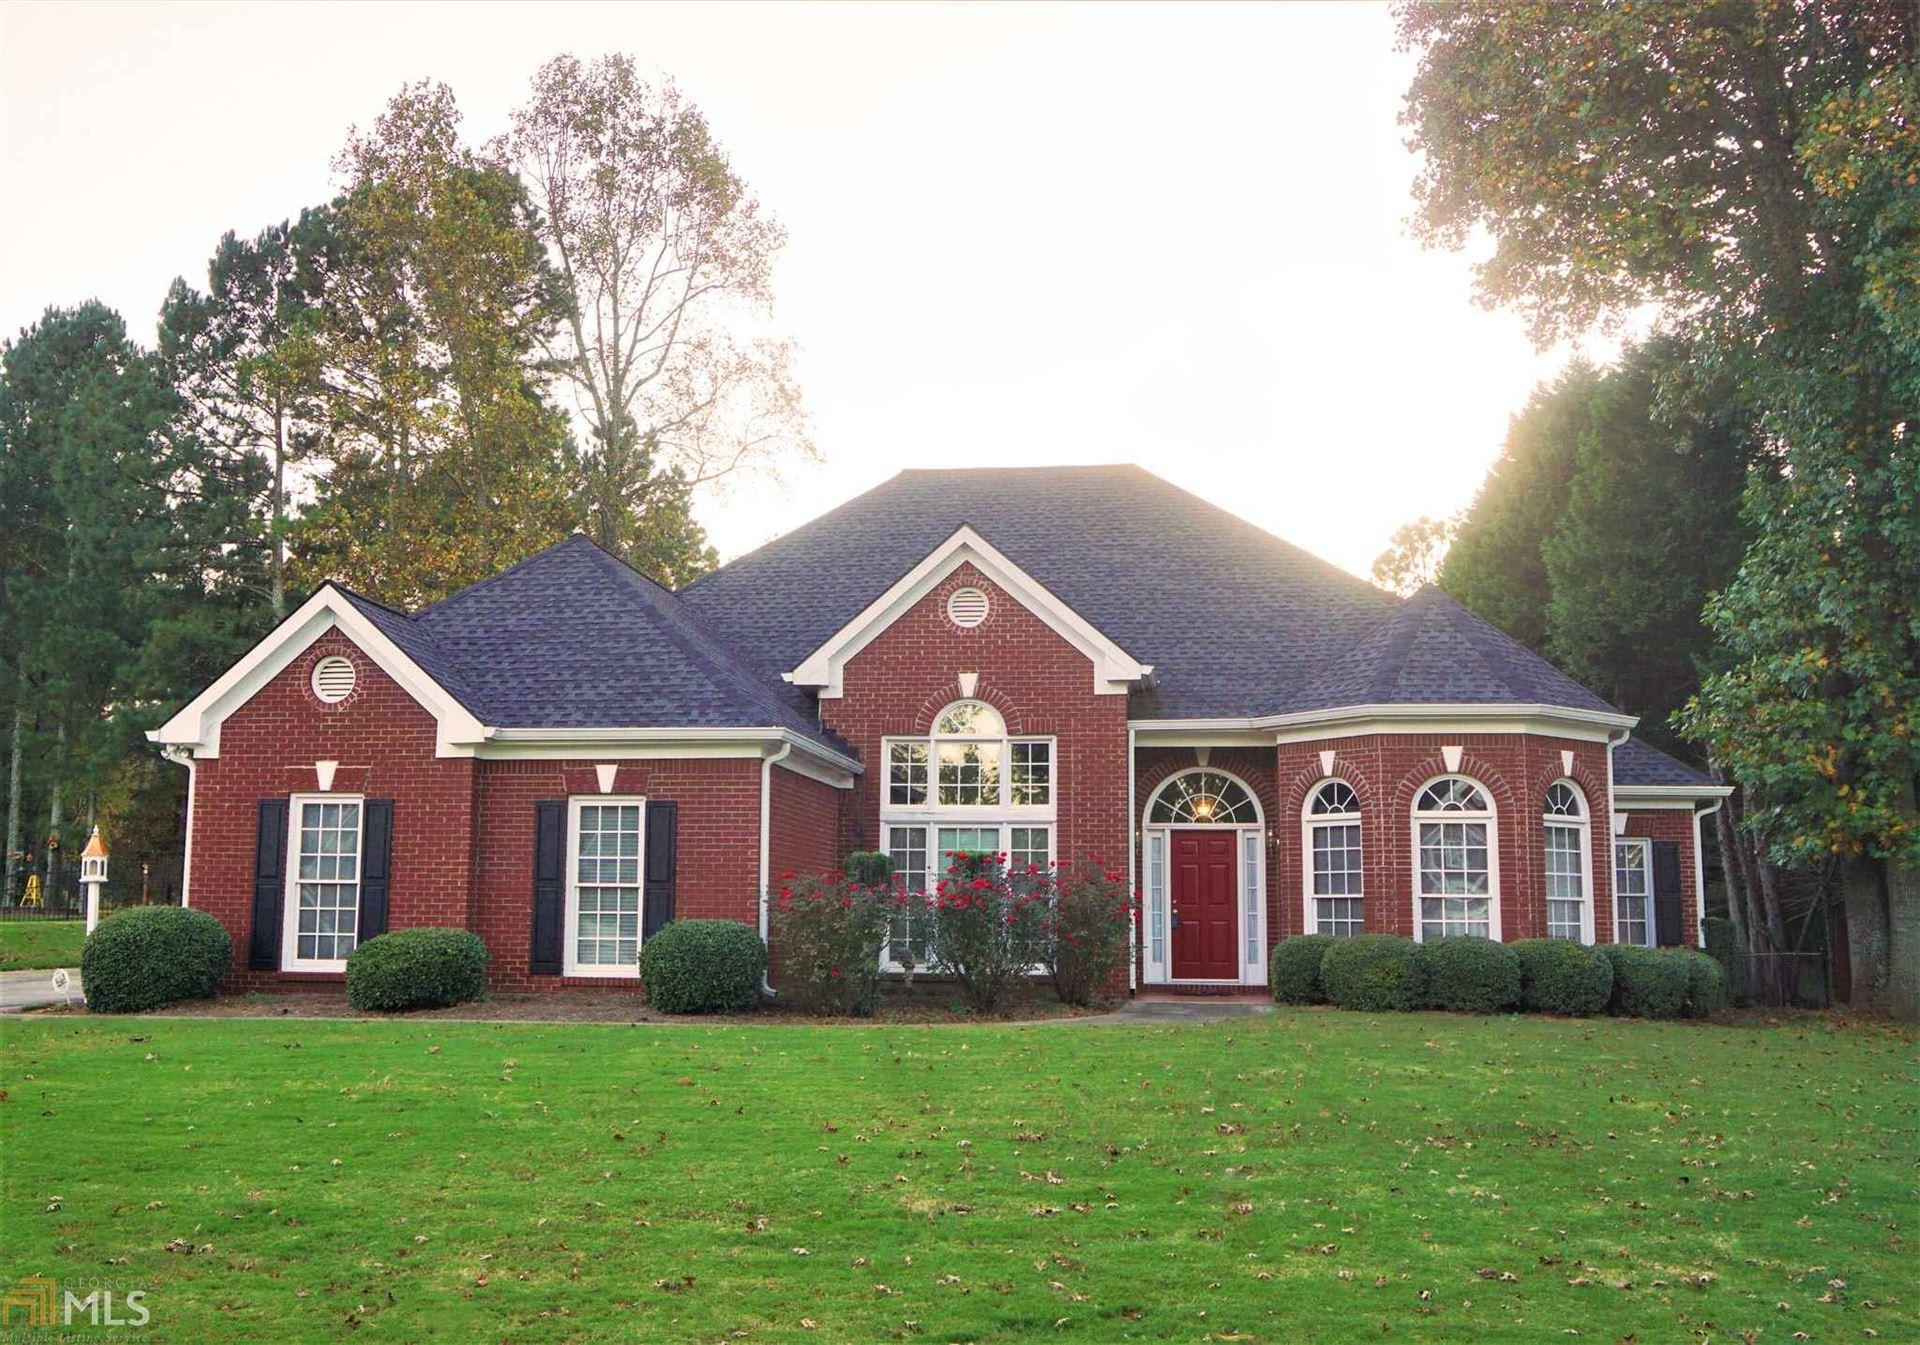 1011 Maple Creek Dr, Loganville, GA 30052 - #: 8872604